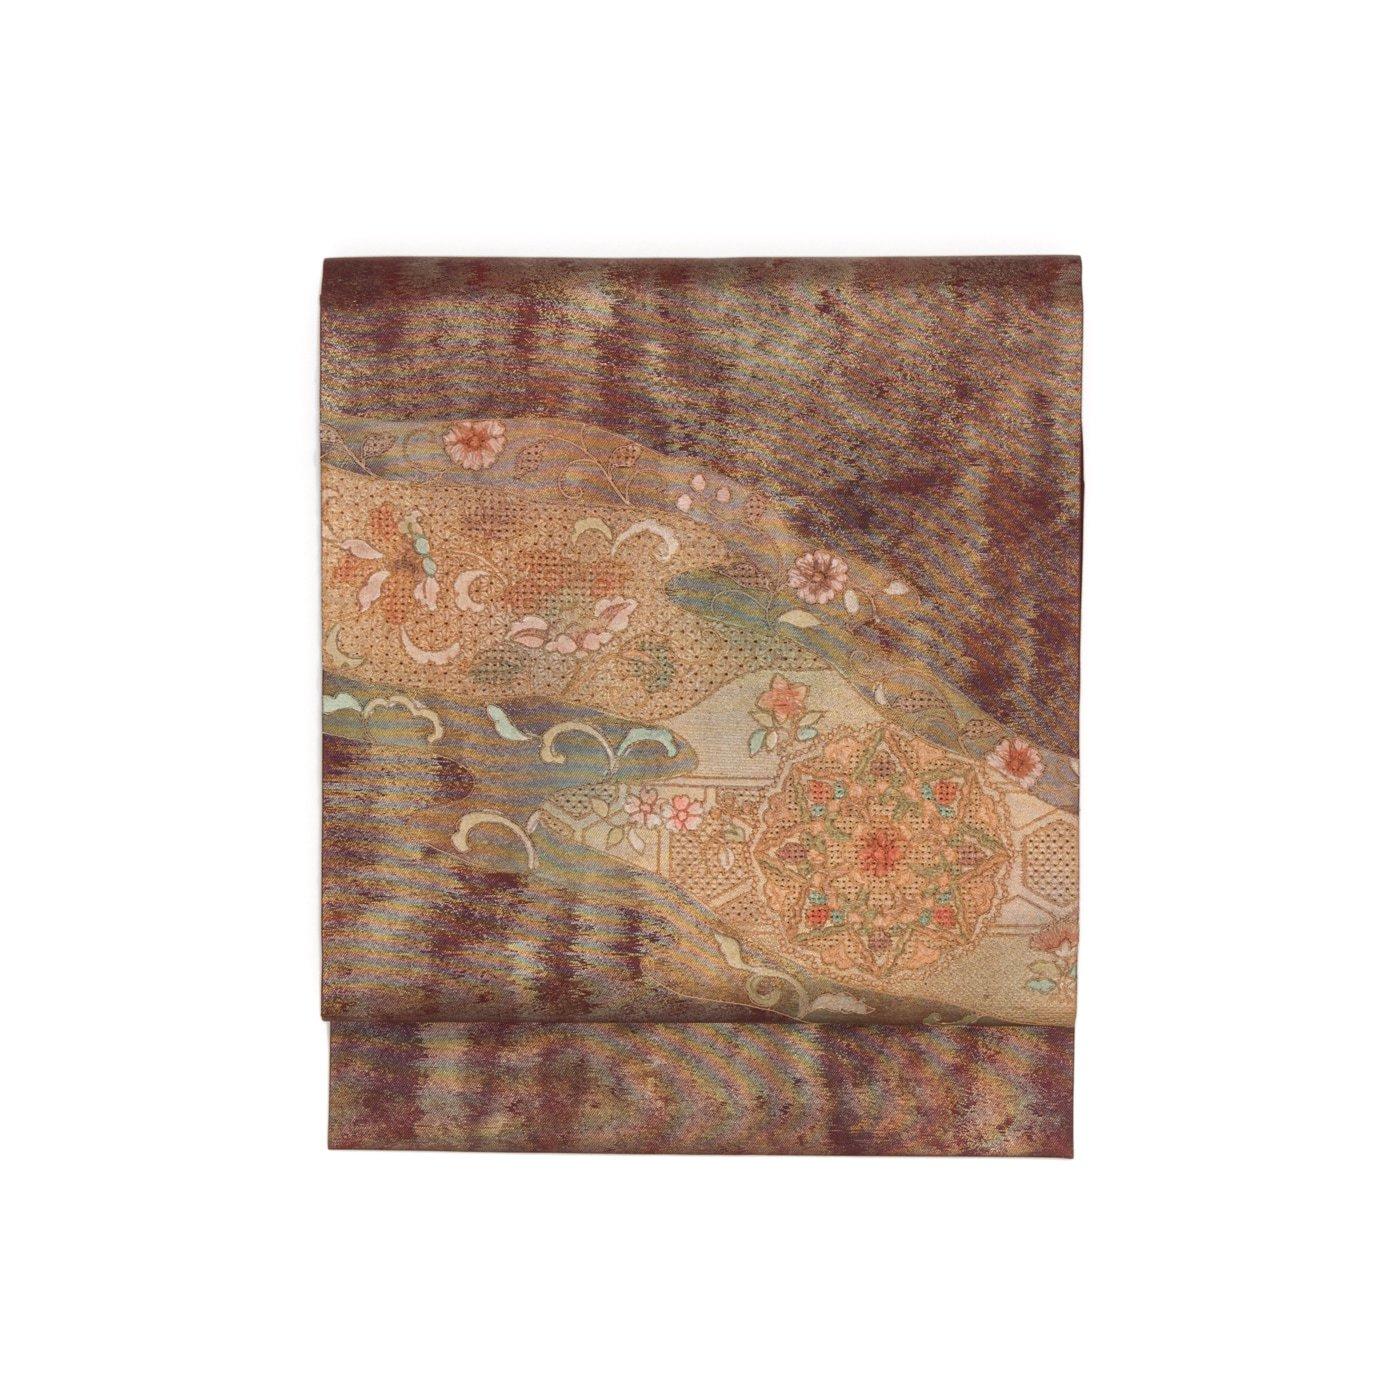 「汕頭刺繍 霞に華紋」の商品画像